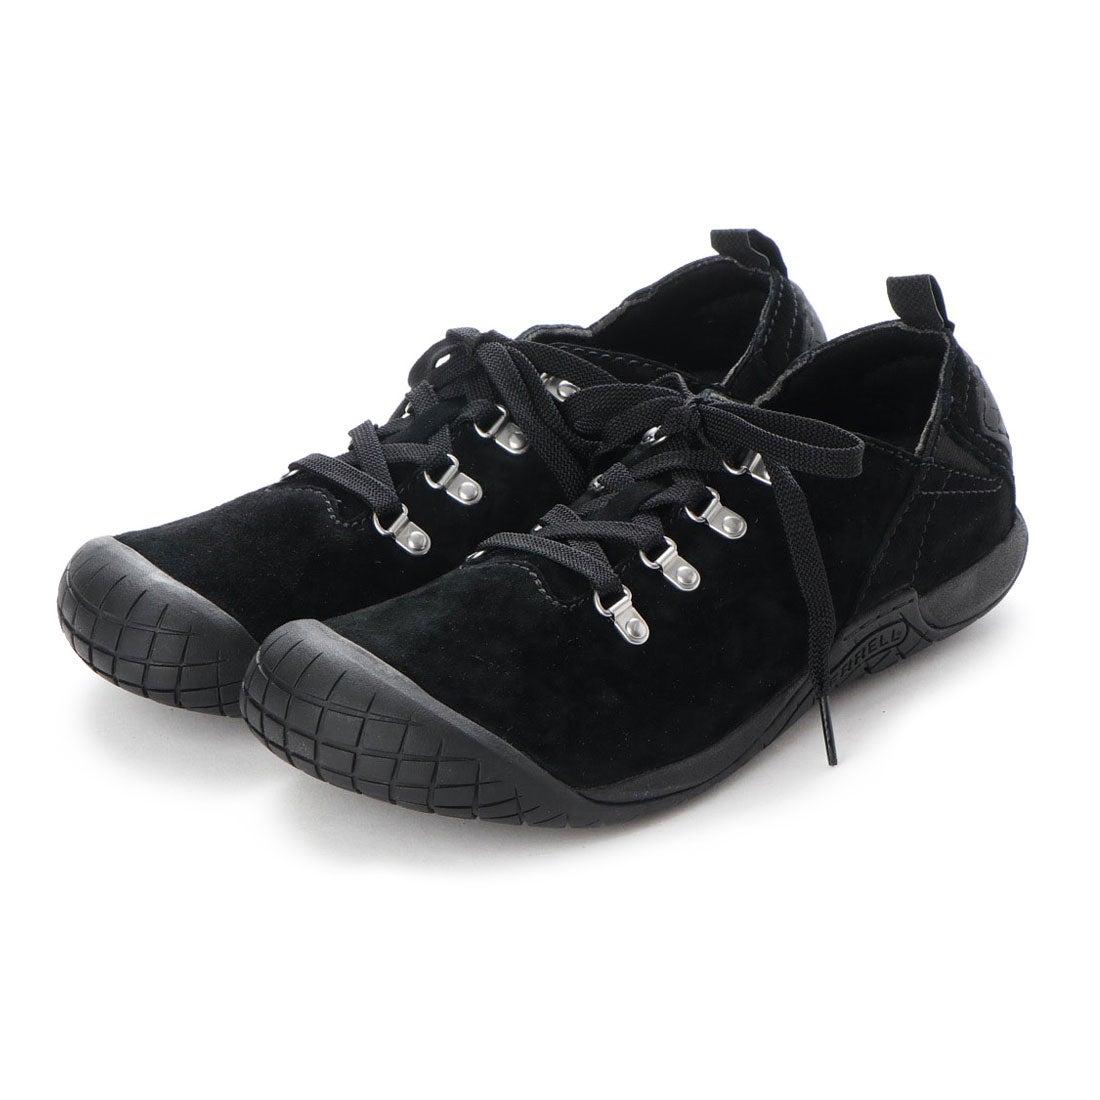 ロコンド 靴とファッションの通販サイトメレル MERRELL メンズ トレッキング アウトドアシューズ パスウェイレース J6002173 9509